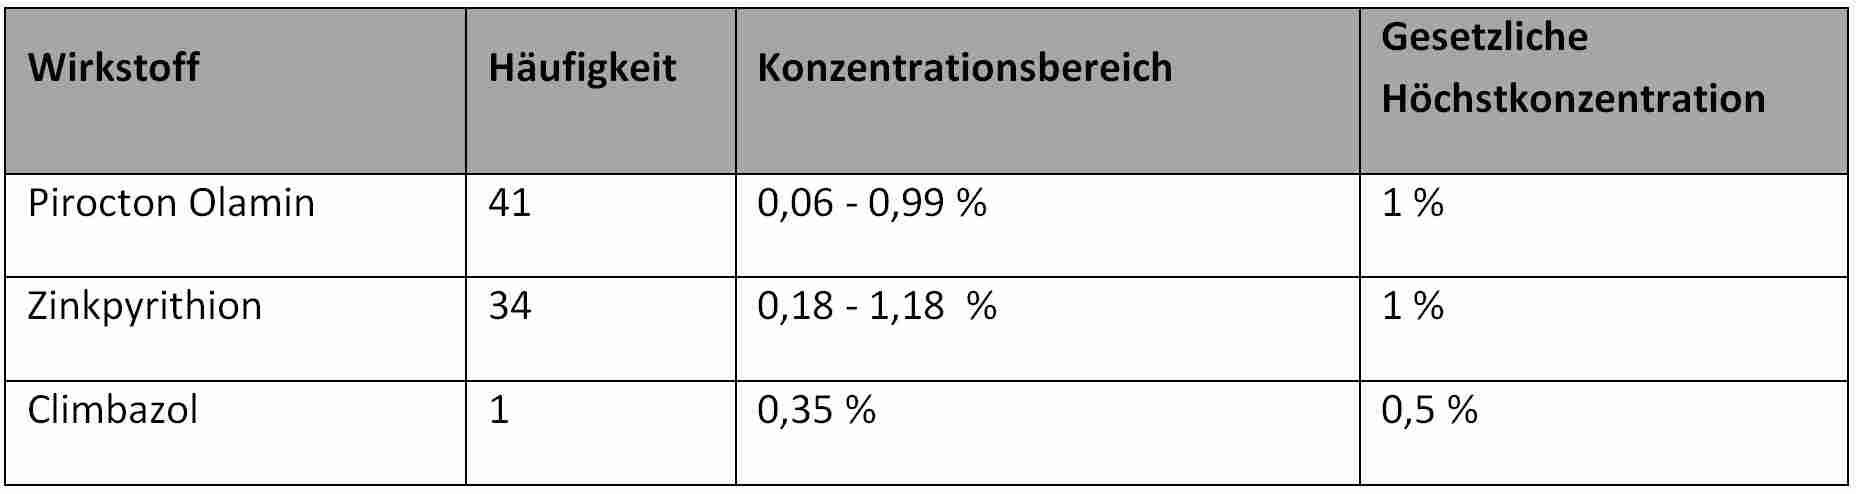 Häufigkeit der Antischuppen-Wirkstoffe Pirocton Olamin, Zinkpyrithion und Climabzol in Shampoos (Gesamtprobenzahl: 76), Konzentrationsbereich und gesetzliche Höchstkonzentration.